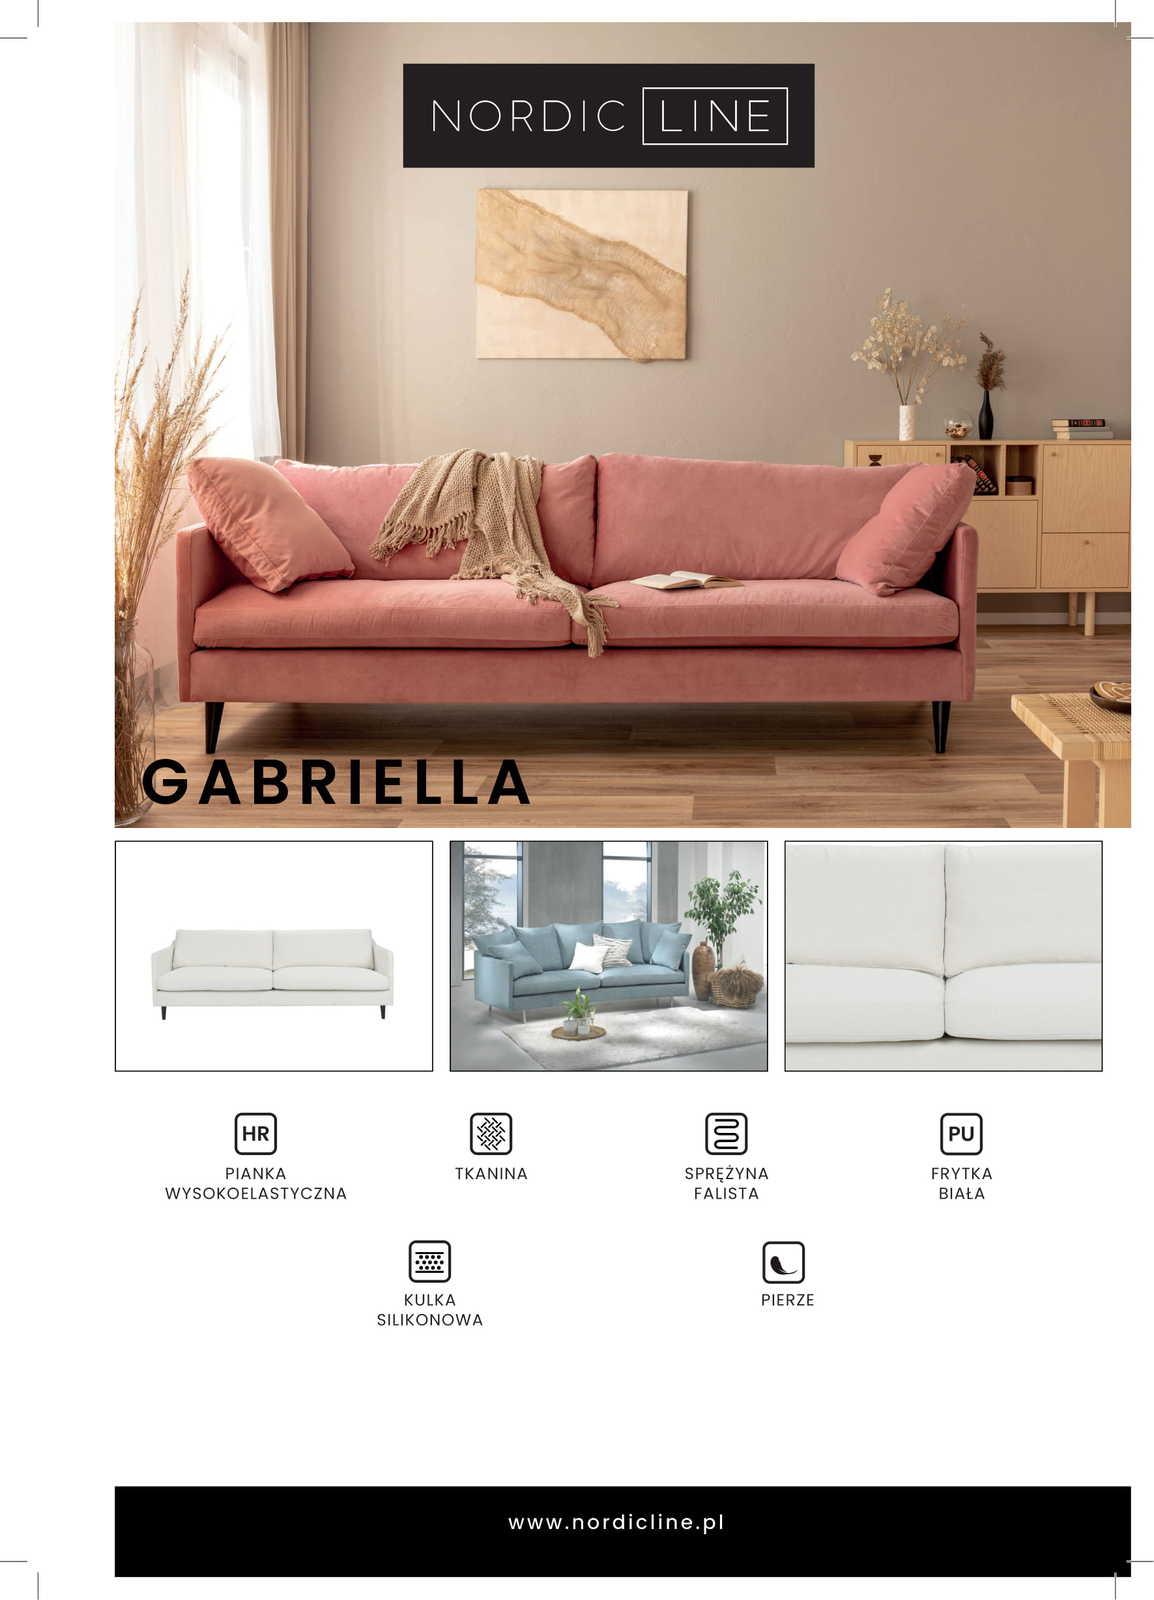 Gabriella(krzywe) (1) (3) 1